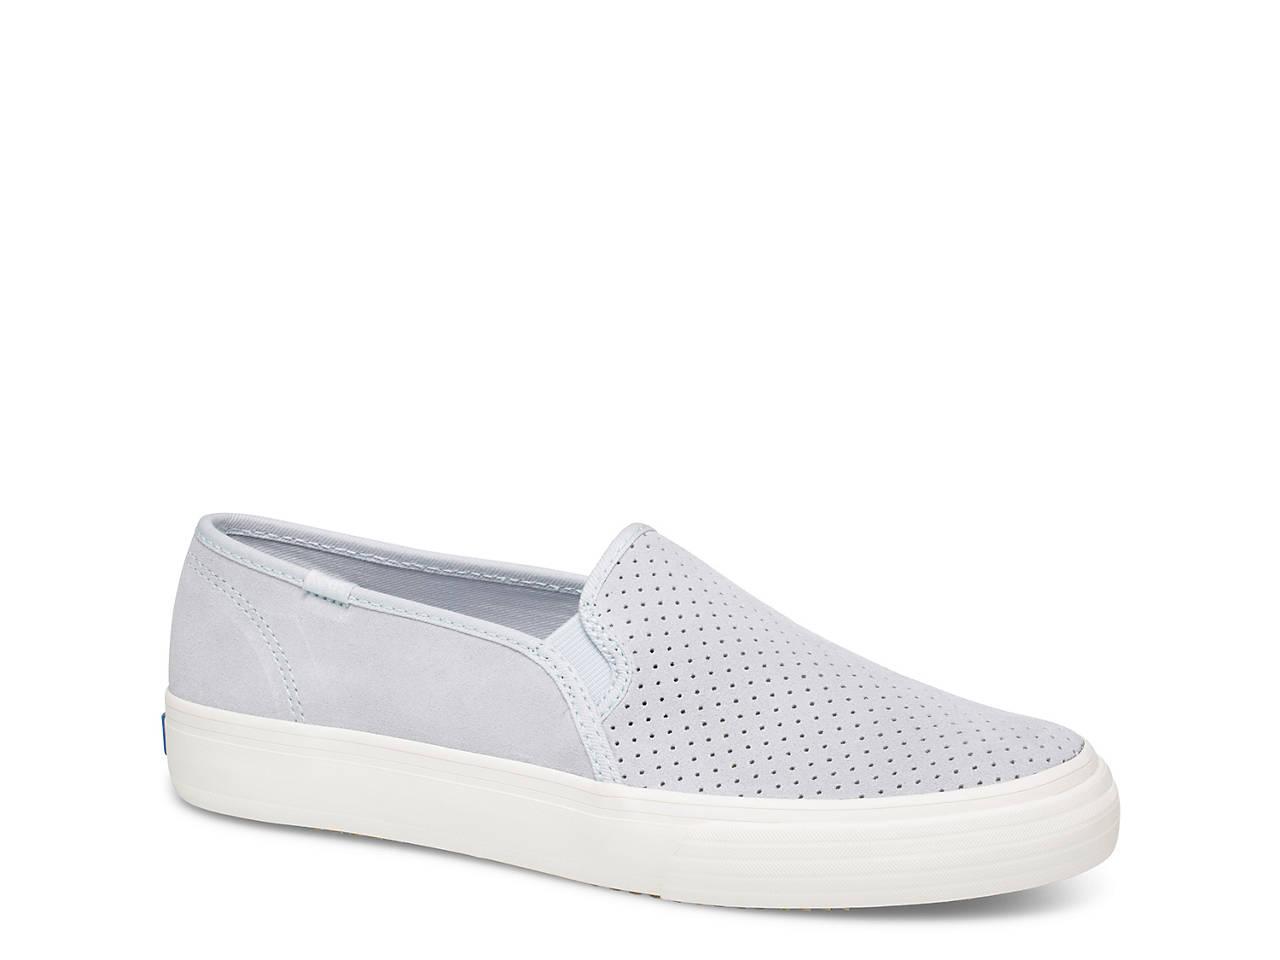 06ff0e208770 Keds Double Decker Slip-On Sneaker Women s Shoes